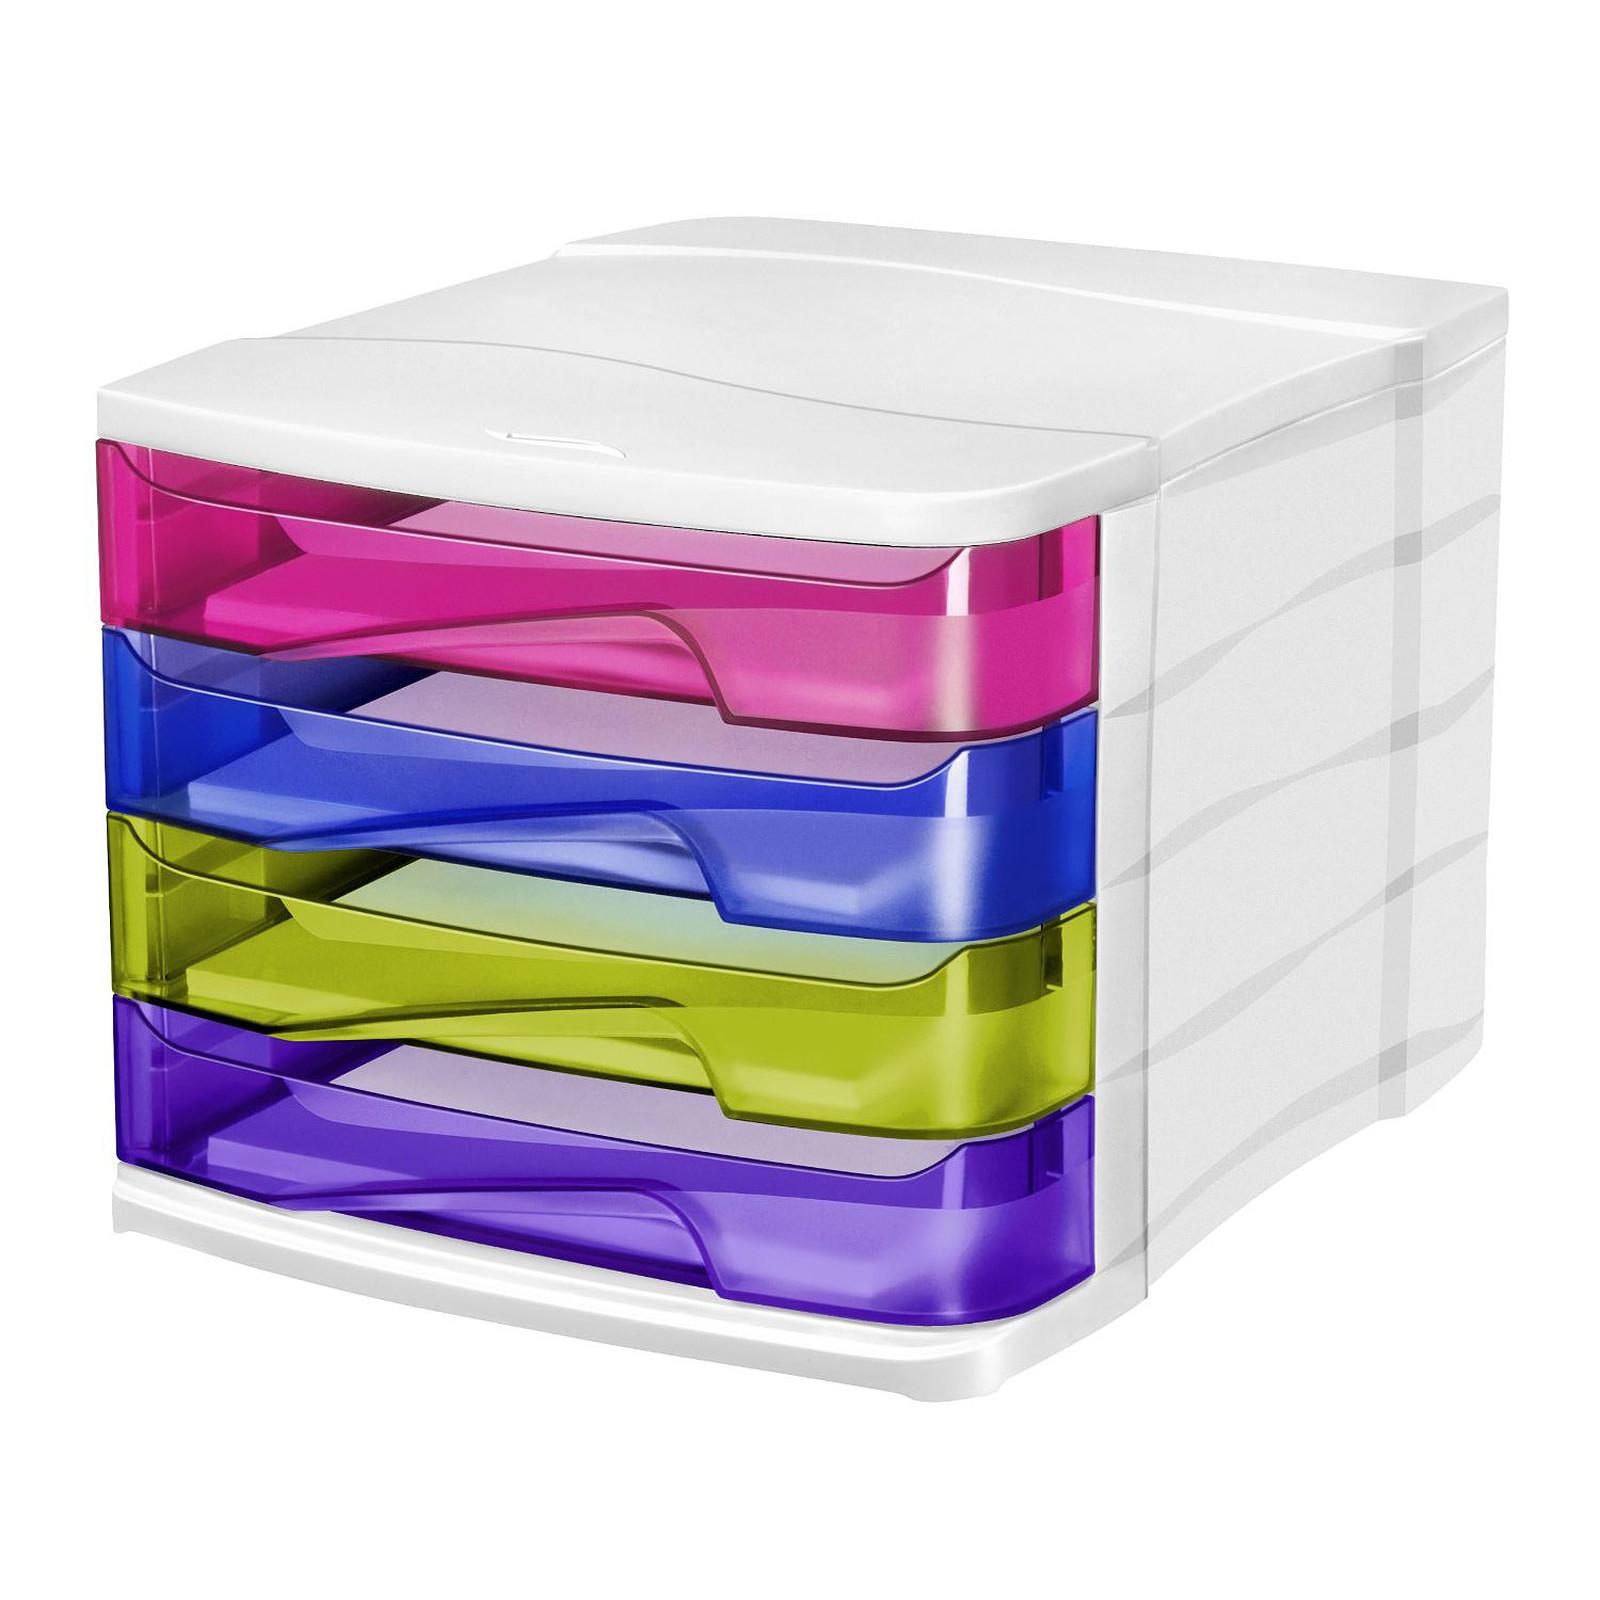 CEP Bloc de classement 4 tiroirs multicolore Happy 394 HM